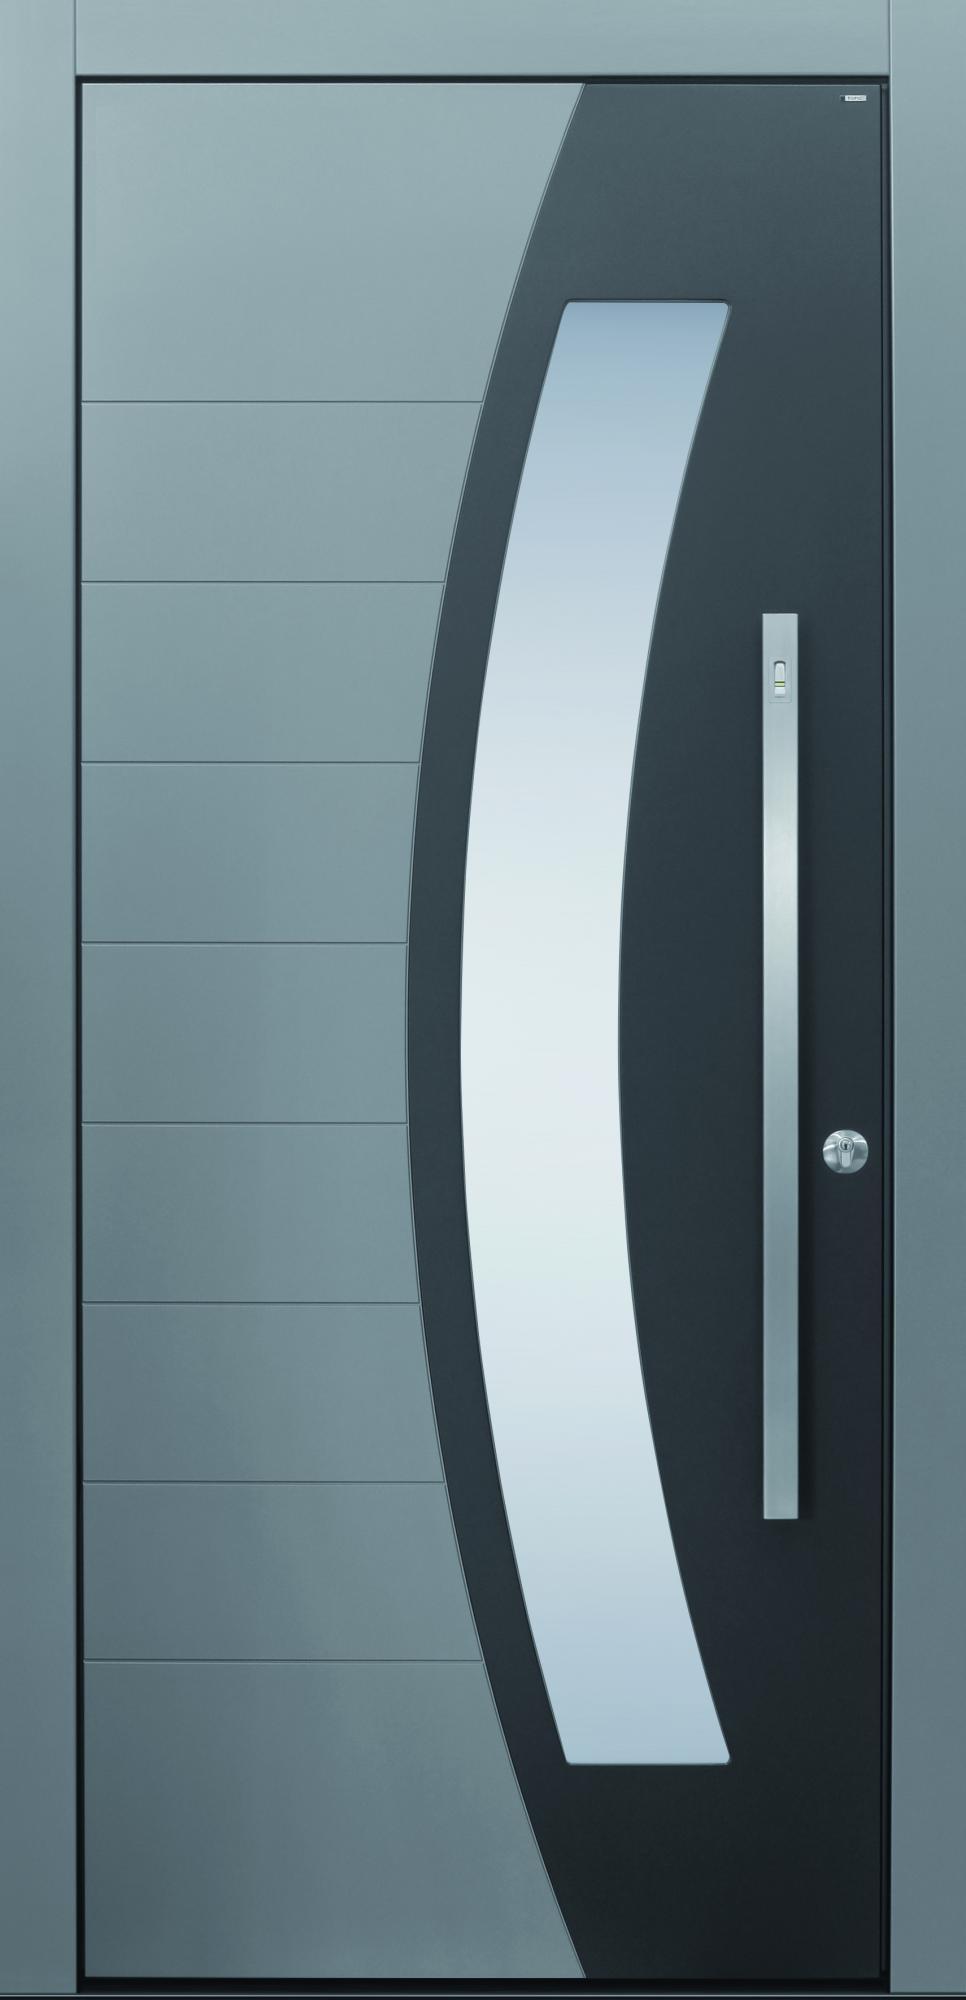 Haustür modern grau  Haustüren mit rundem Lichtausschnitt | TOPIC Haustüren u ...